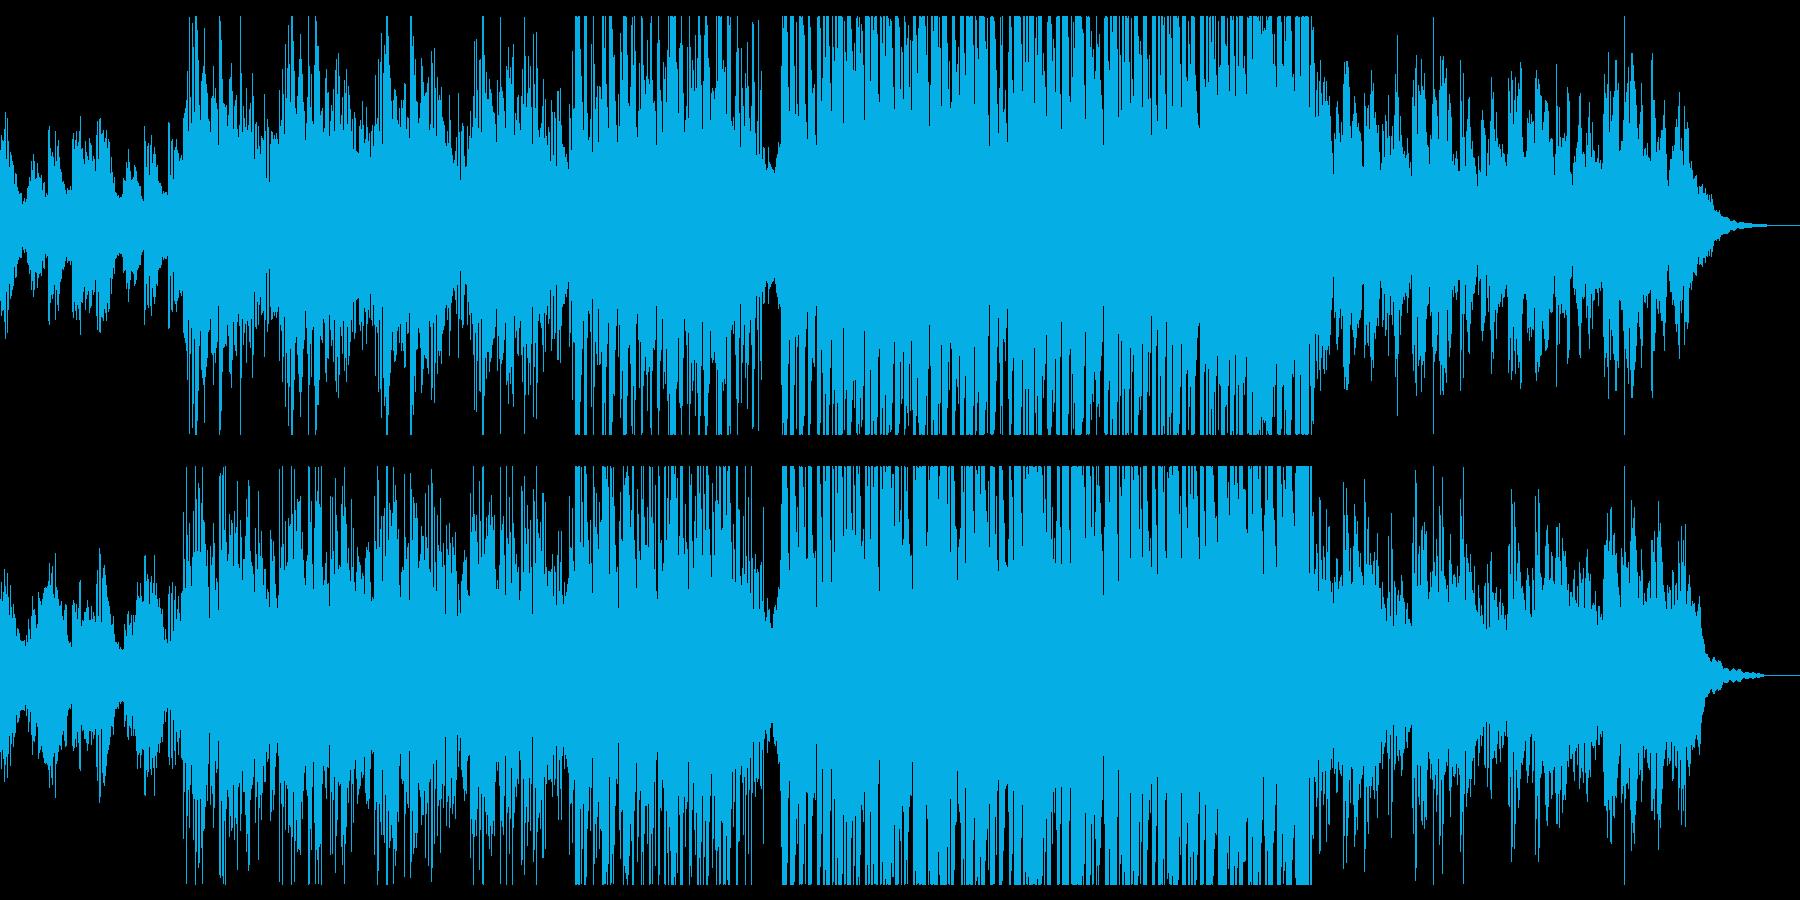 幻想的なピアノ系エレクトロニカの再生済みの波形